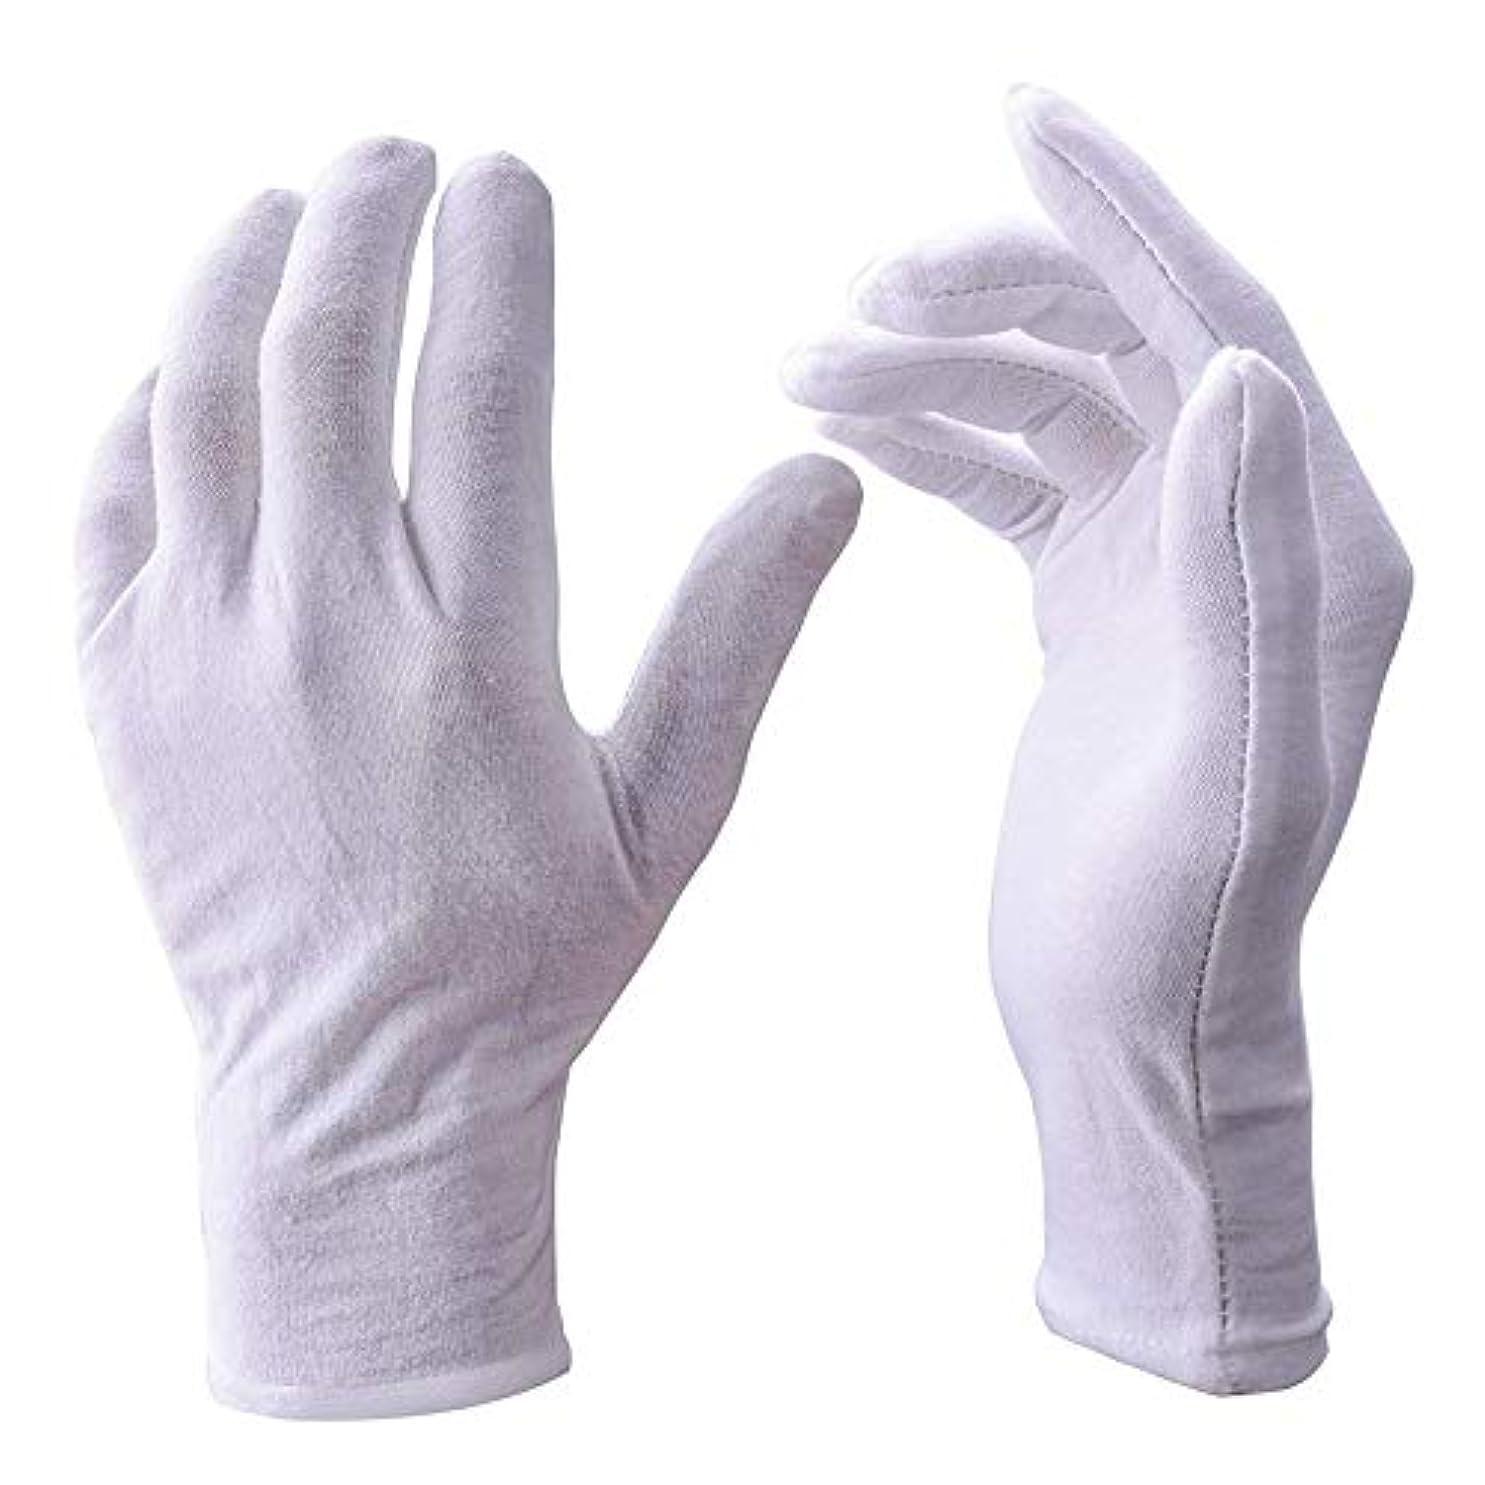 補うクリーナーストラトフォードオンエイボンLEUYUAN コットン手袋 綿手袋 手荒れ防止 保湿用 礼装用 作業用 薄手 白手袋 使い捨て手袋 (12双組, 白, XL)